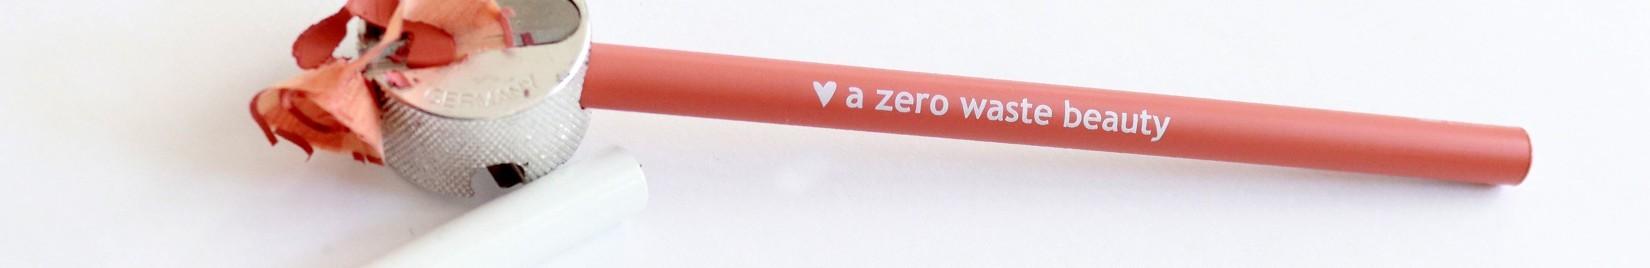 La linea di accessori per il make-up zero waste di Negozio Leggero